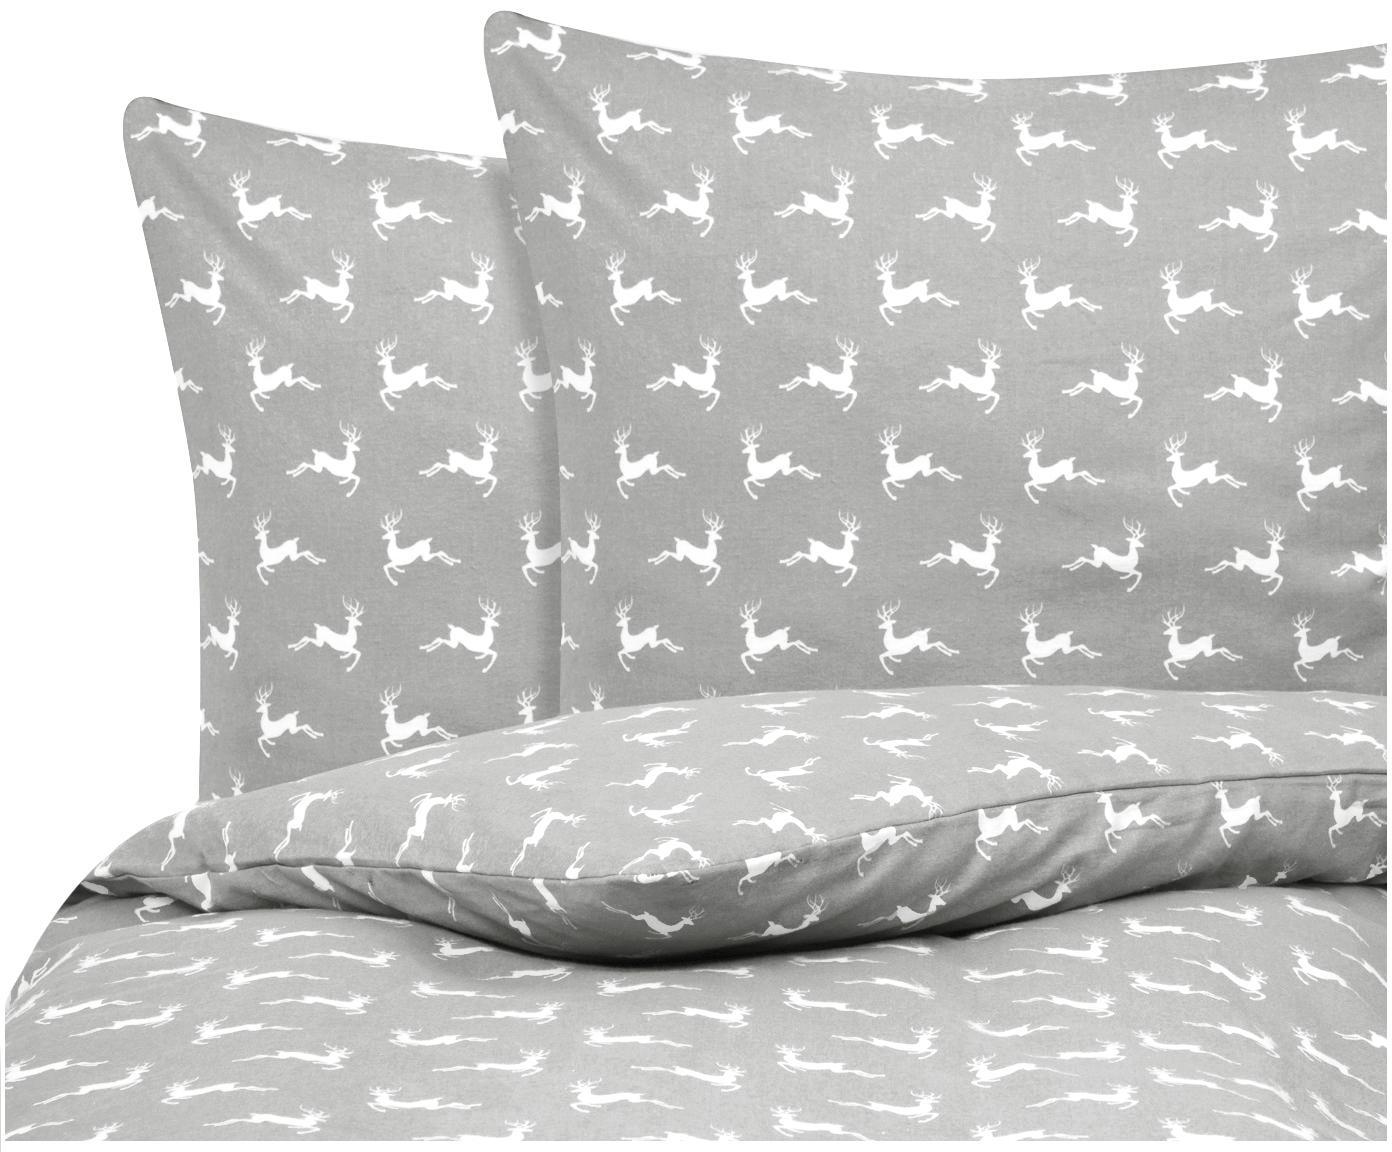 Flanell-Bettwäsche Rudolph mit Rentieren, Webart: Flanell Flanell ist ein s, Grau, Ecru, 200 x 200 cm + 2 Kissen 80 x 80 cm